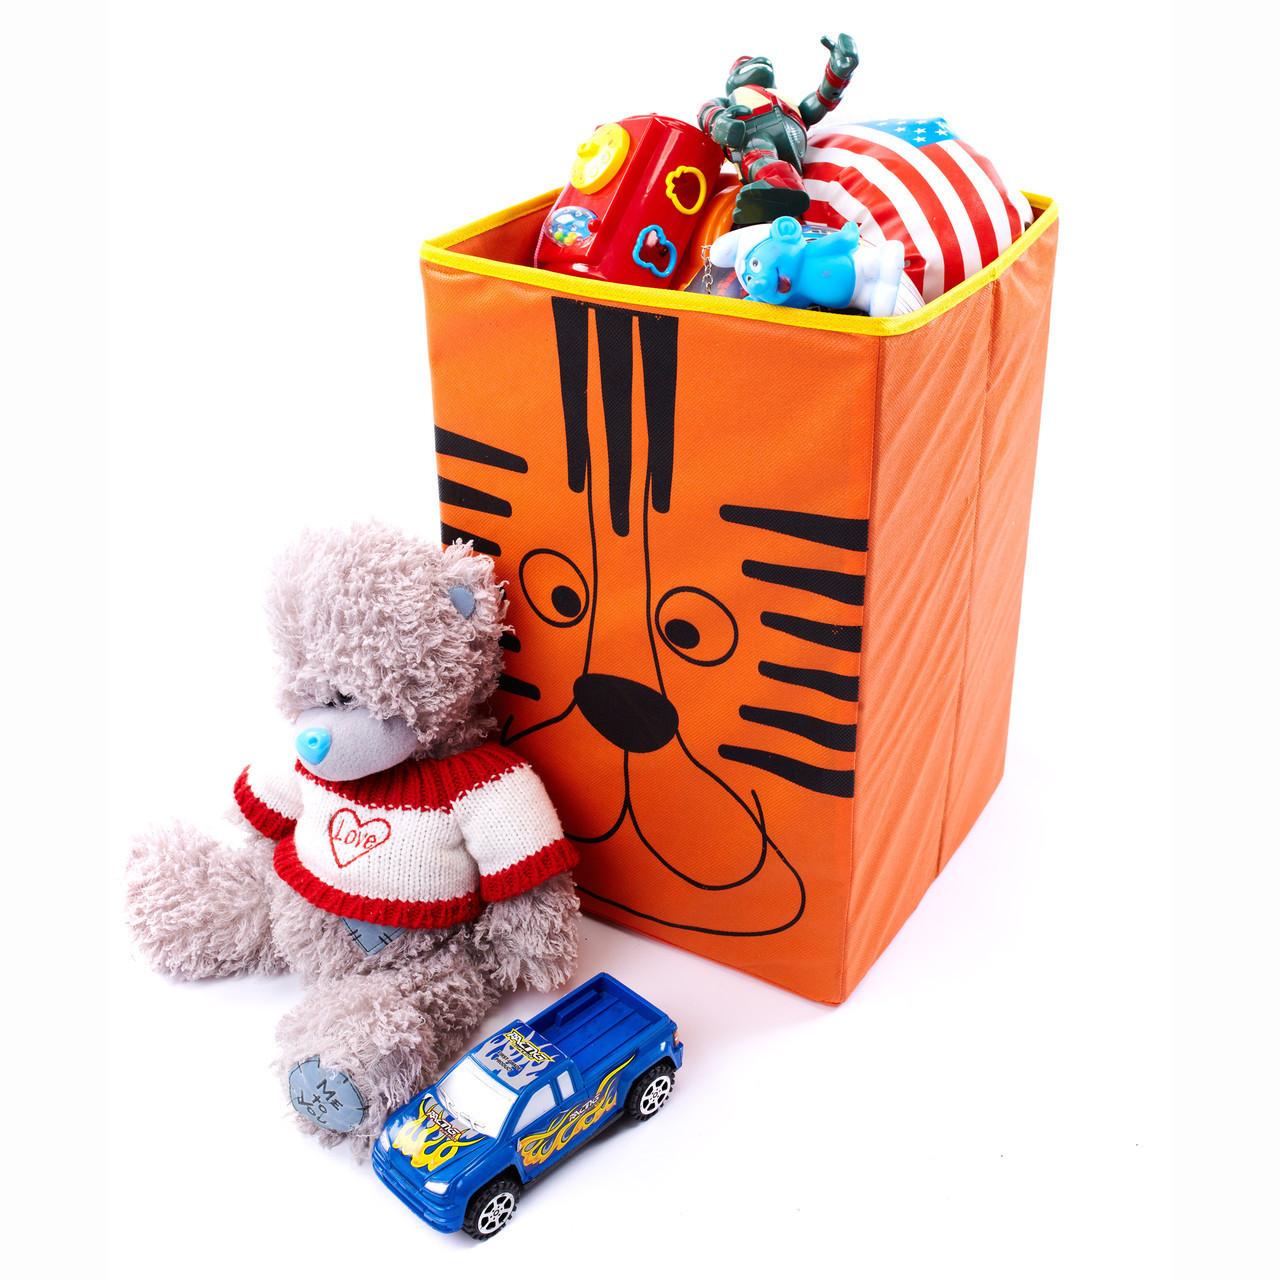 Ящик для зберігання іграшок, 35*35*55 см, Зоопарк Тигр (без кришки)